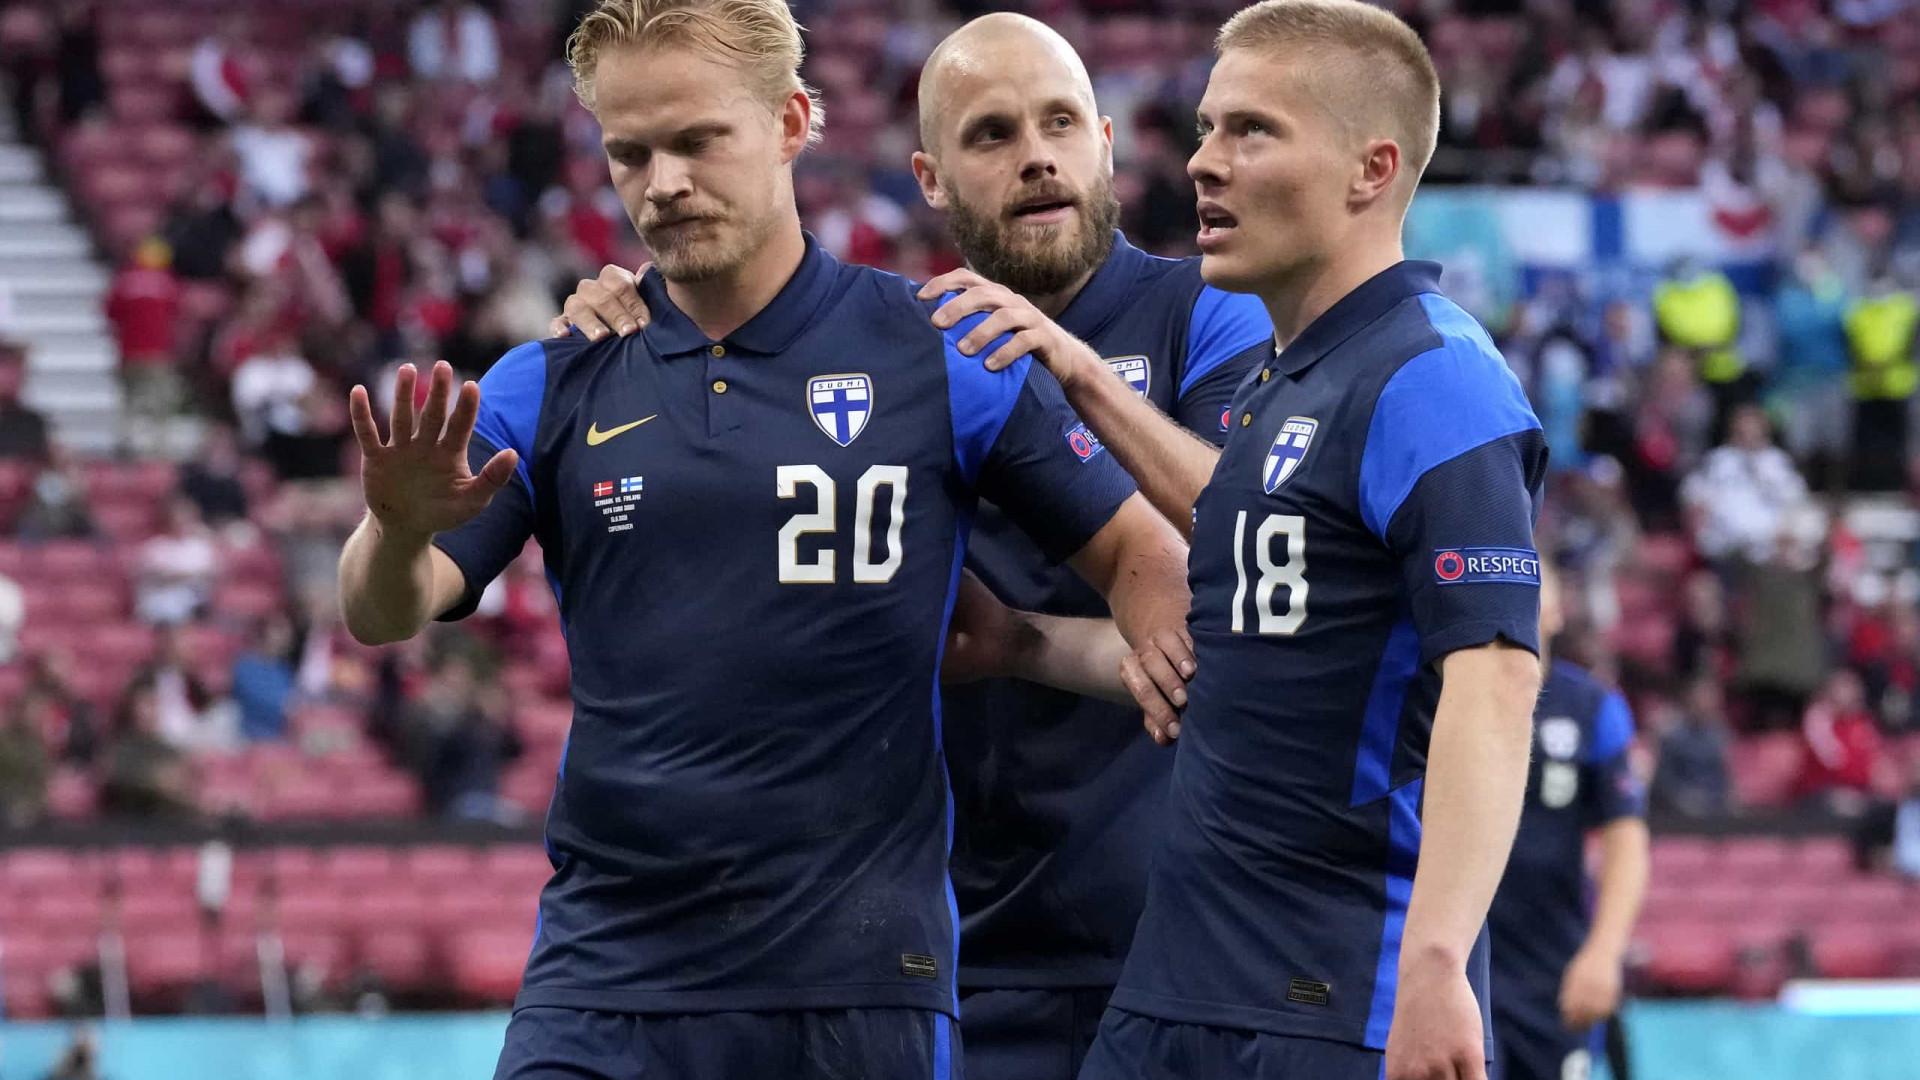 Finlândia venceu Dinamarca, mas Eriksen ganhou no jogo da vida